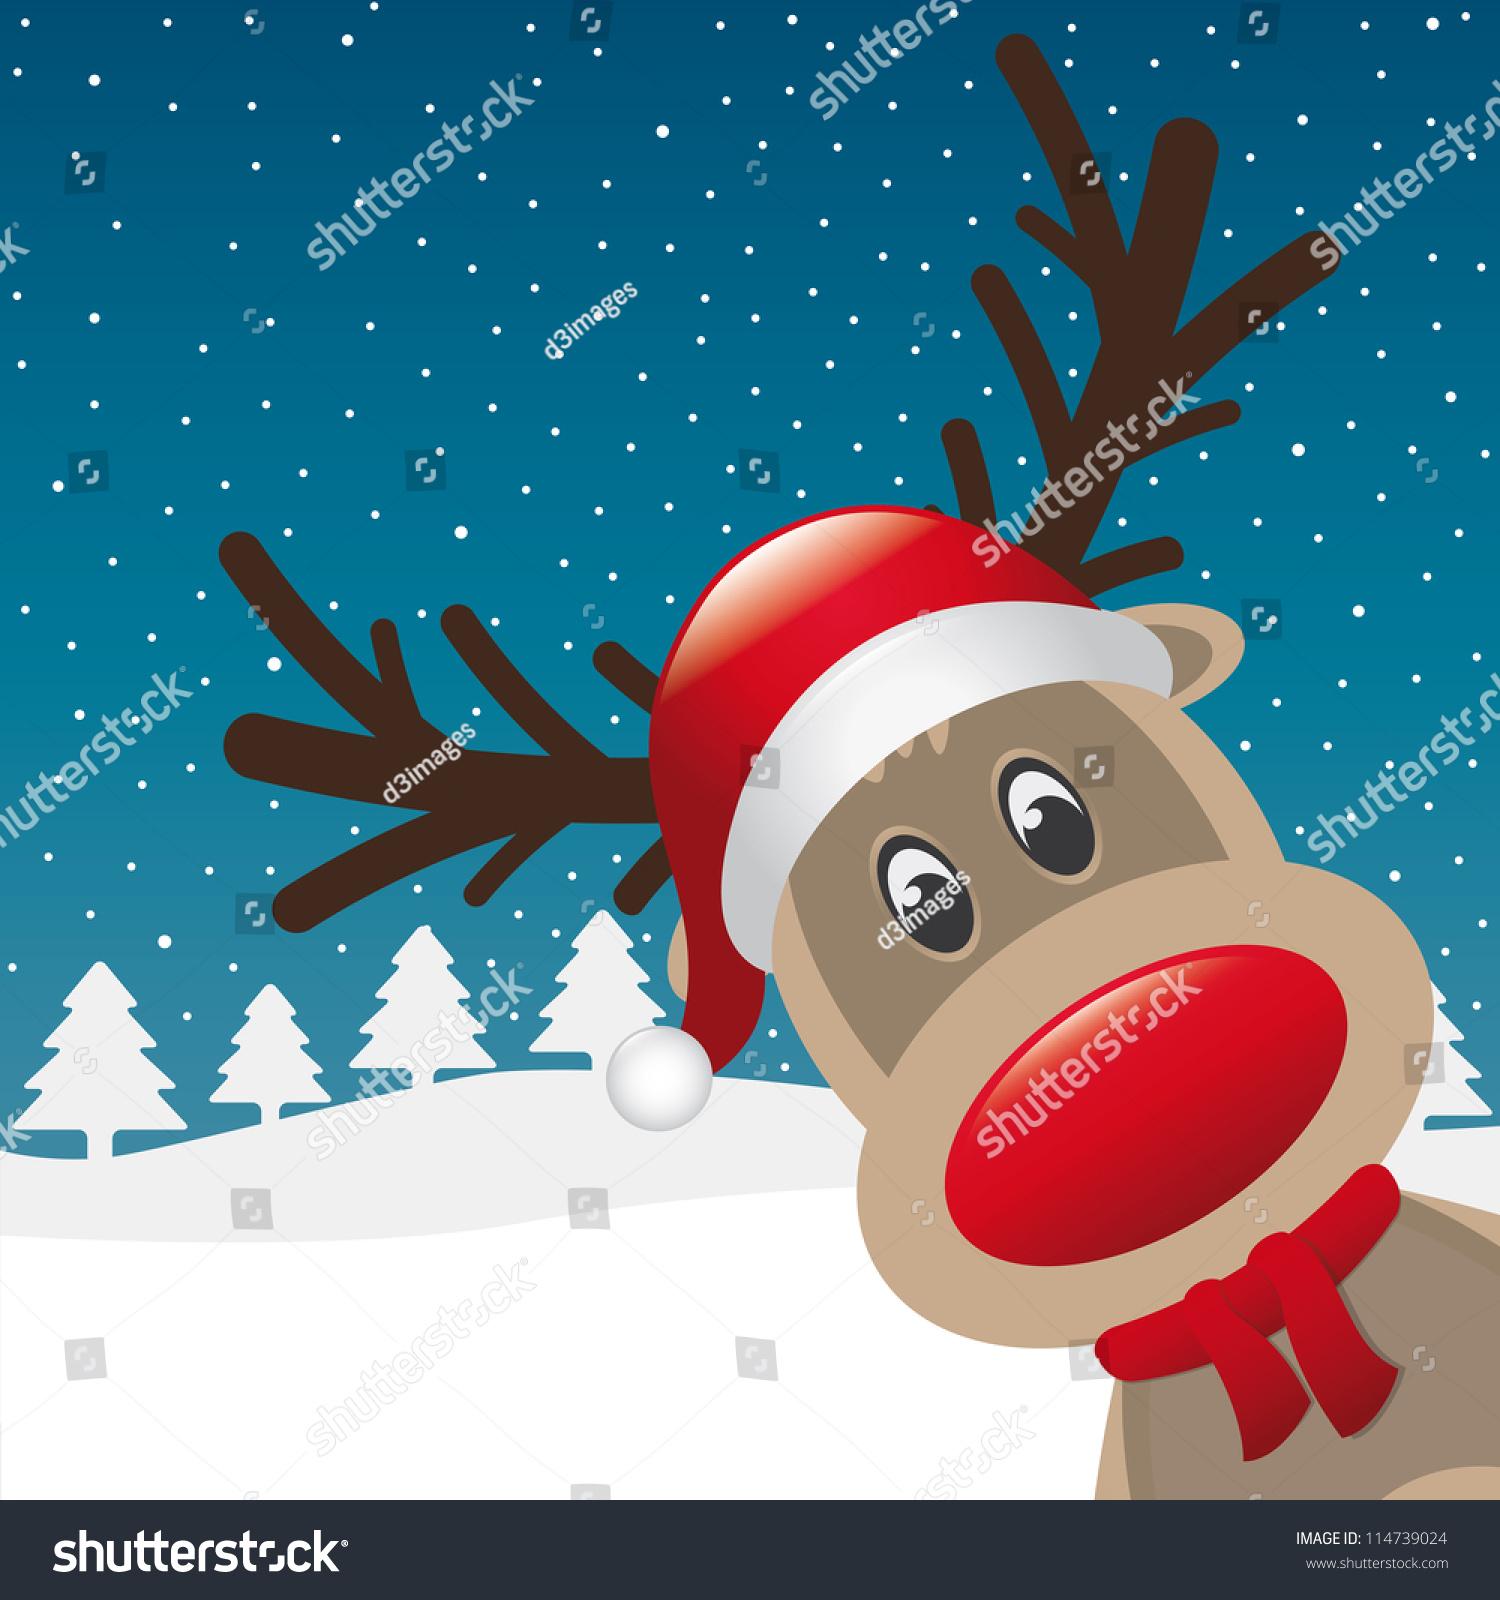 红鼻子驯鹿围巾圣诞老人的帽子-背景/素材,假期-海洛